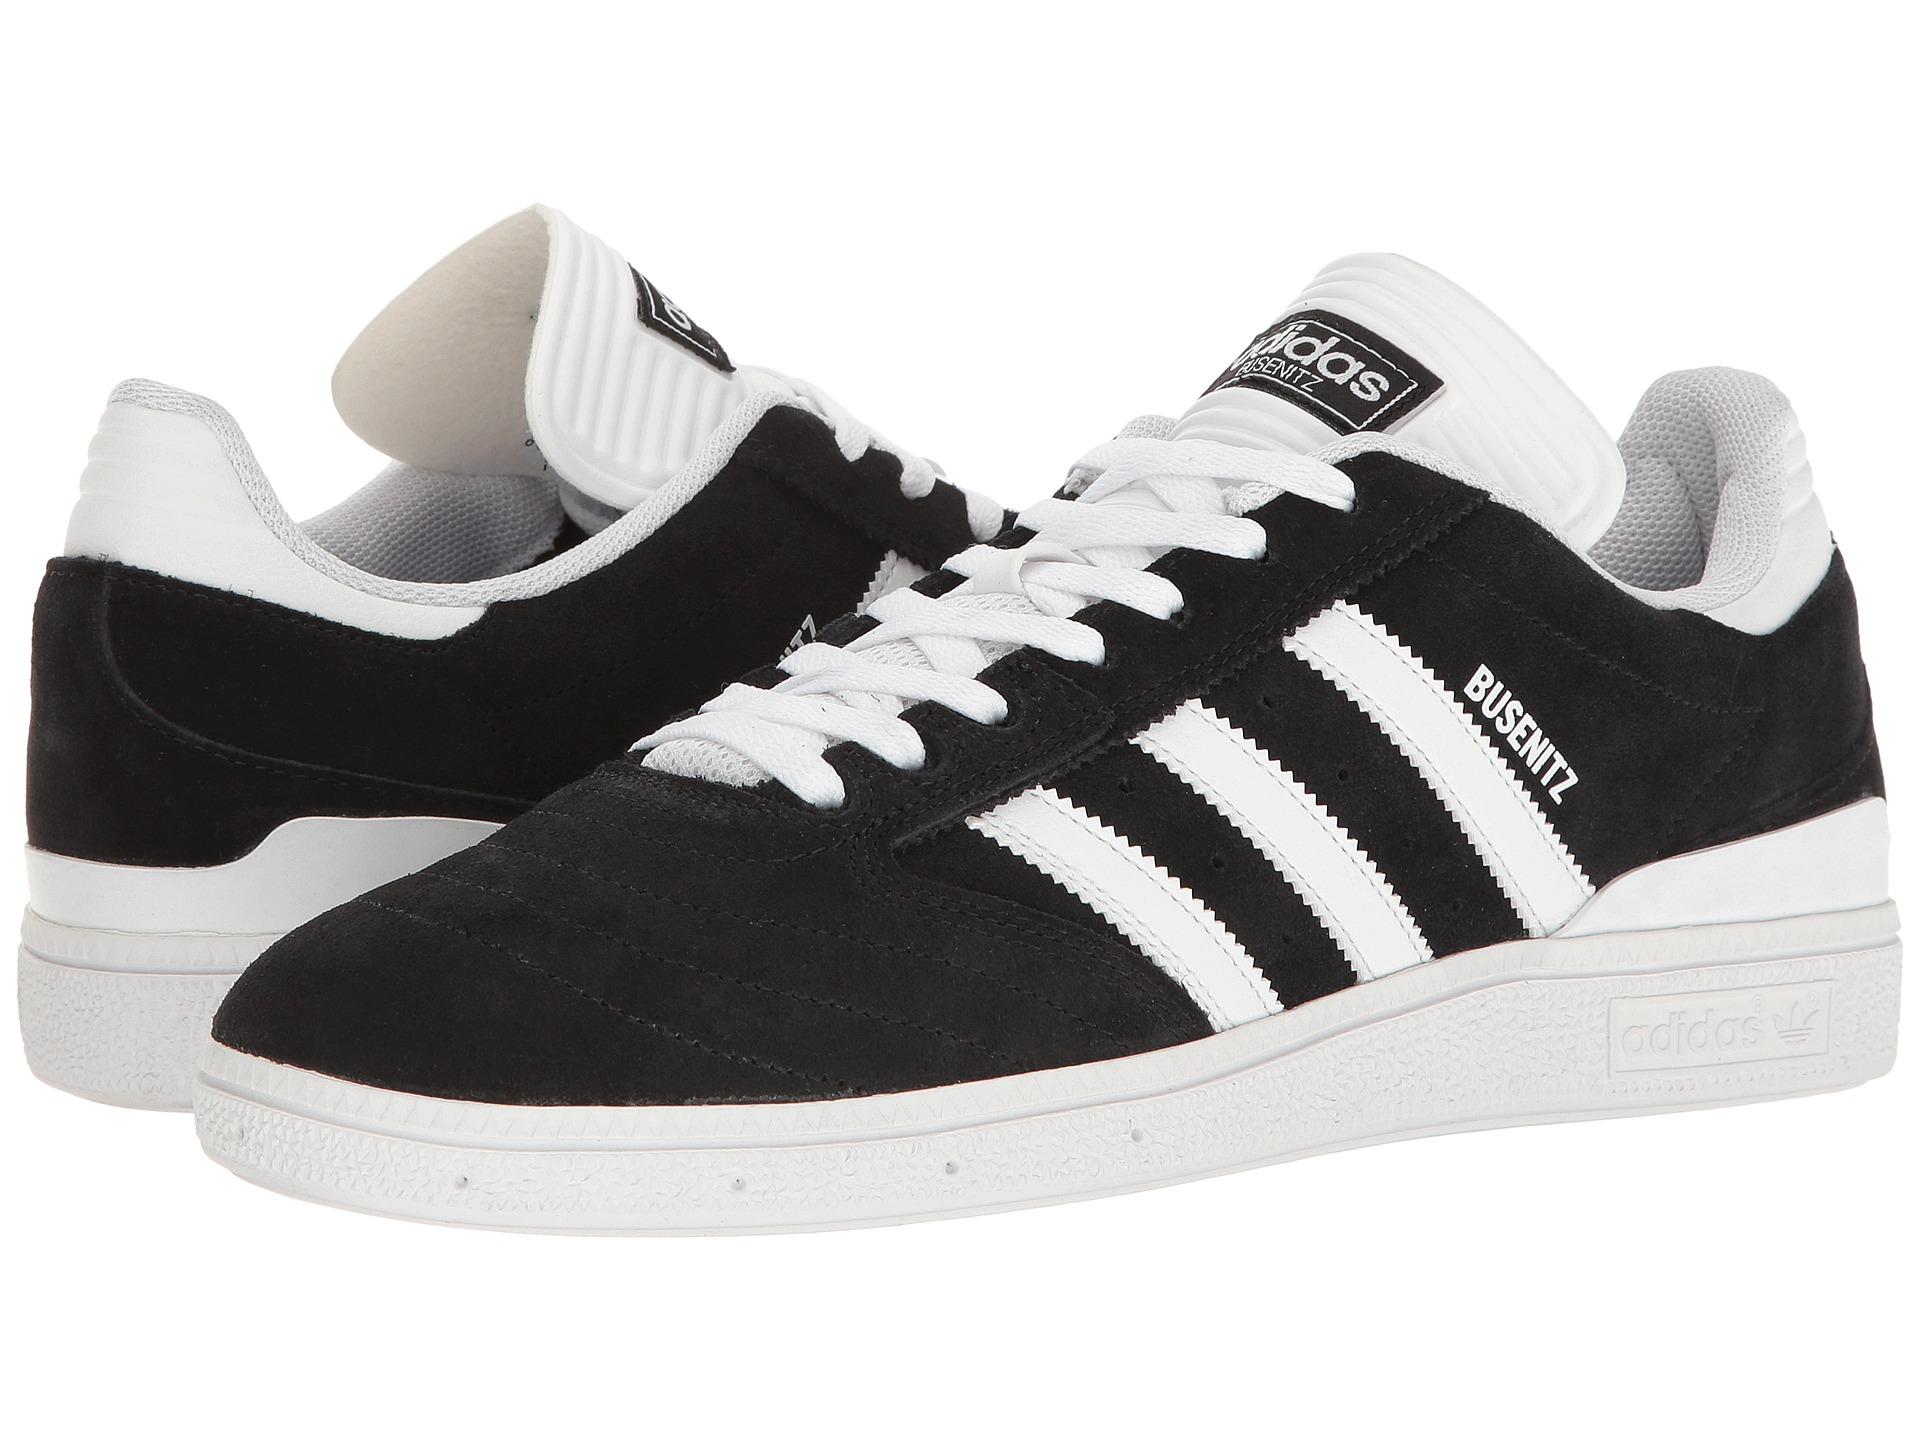 Adidas Skate Shoes Ccs